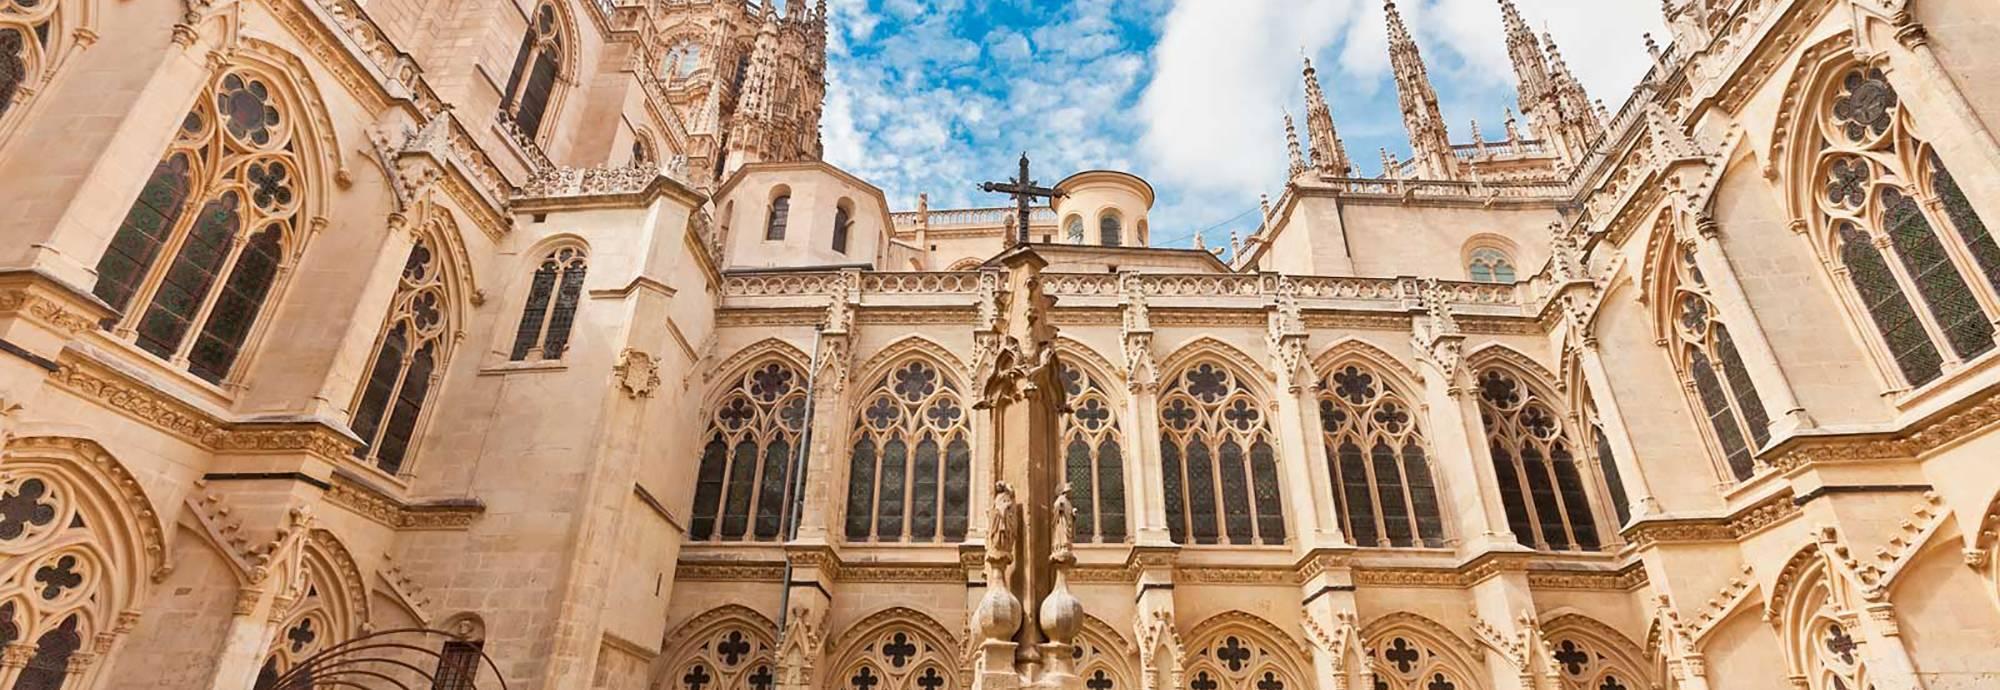 Header: Etapa 1. Burgos. Catedral VIII Centenario 2021 > Catedral